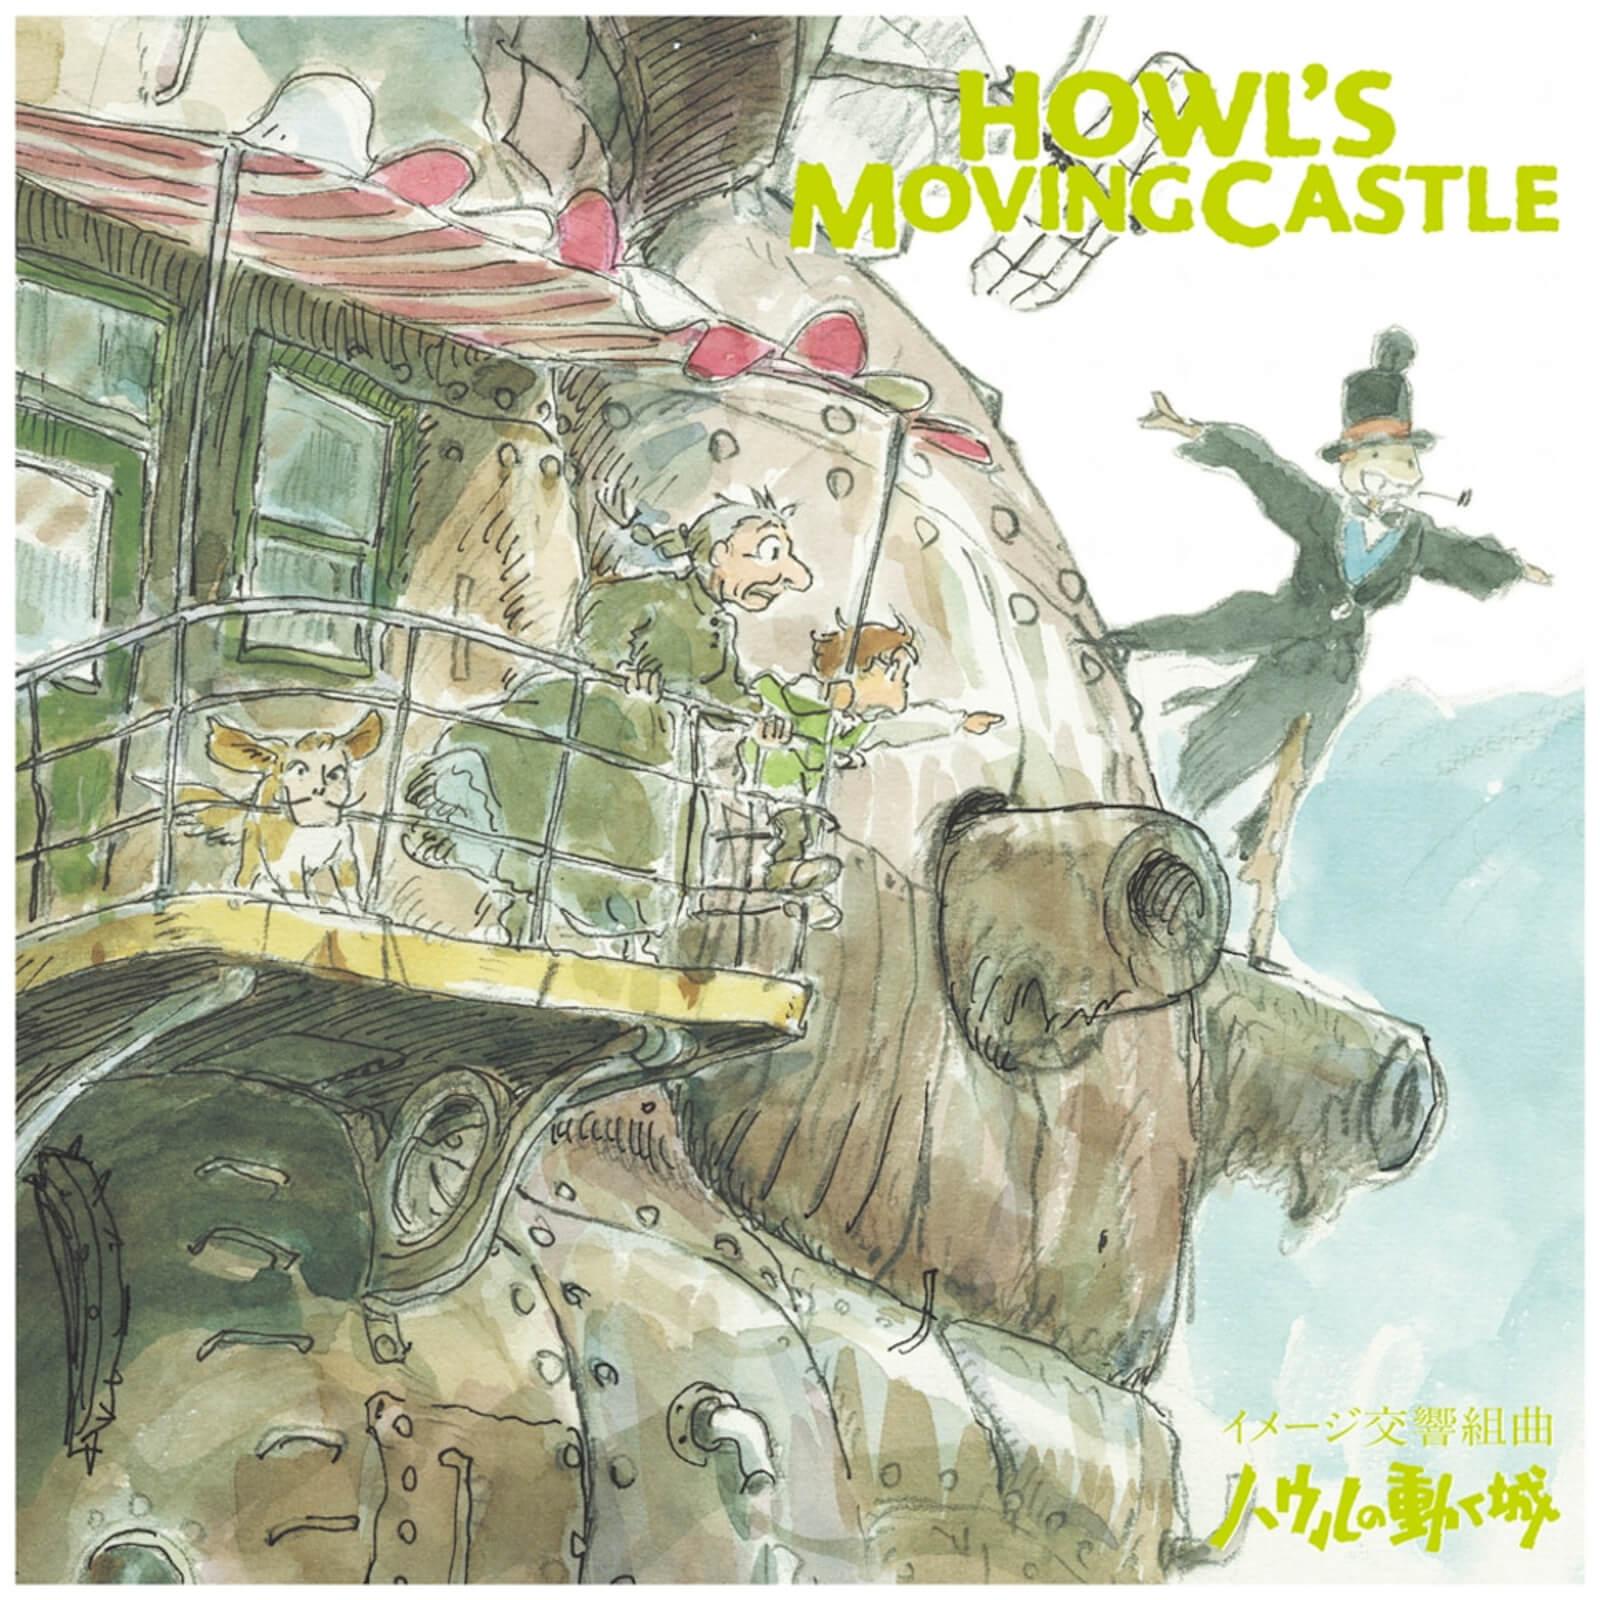 Studio Ghibli Howl's Moving Castle Image Symphonic Suite LP